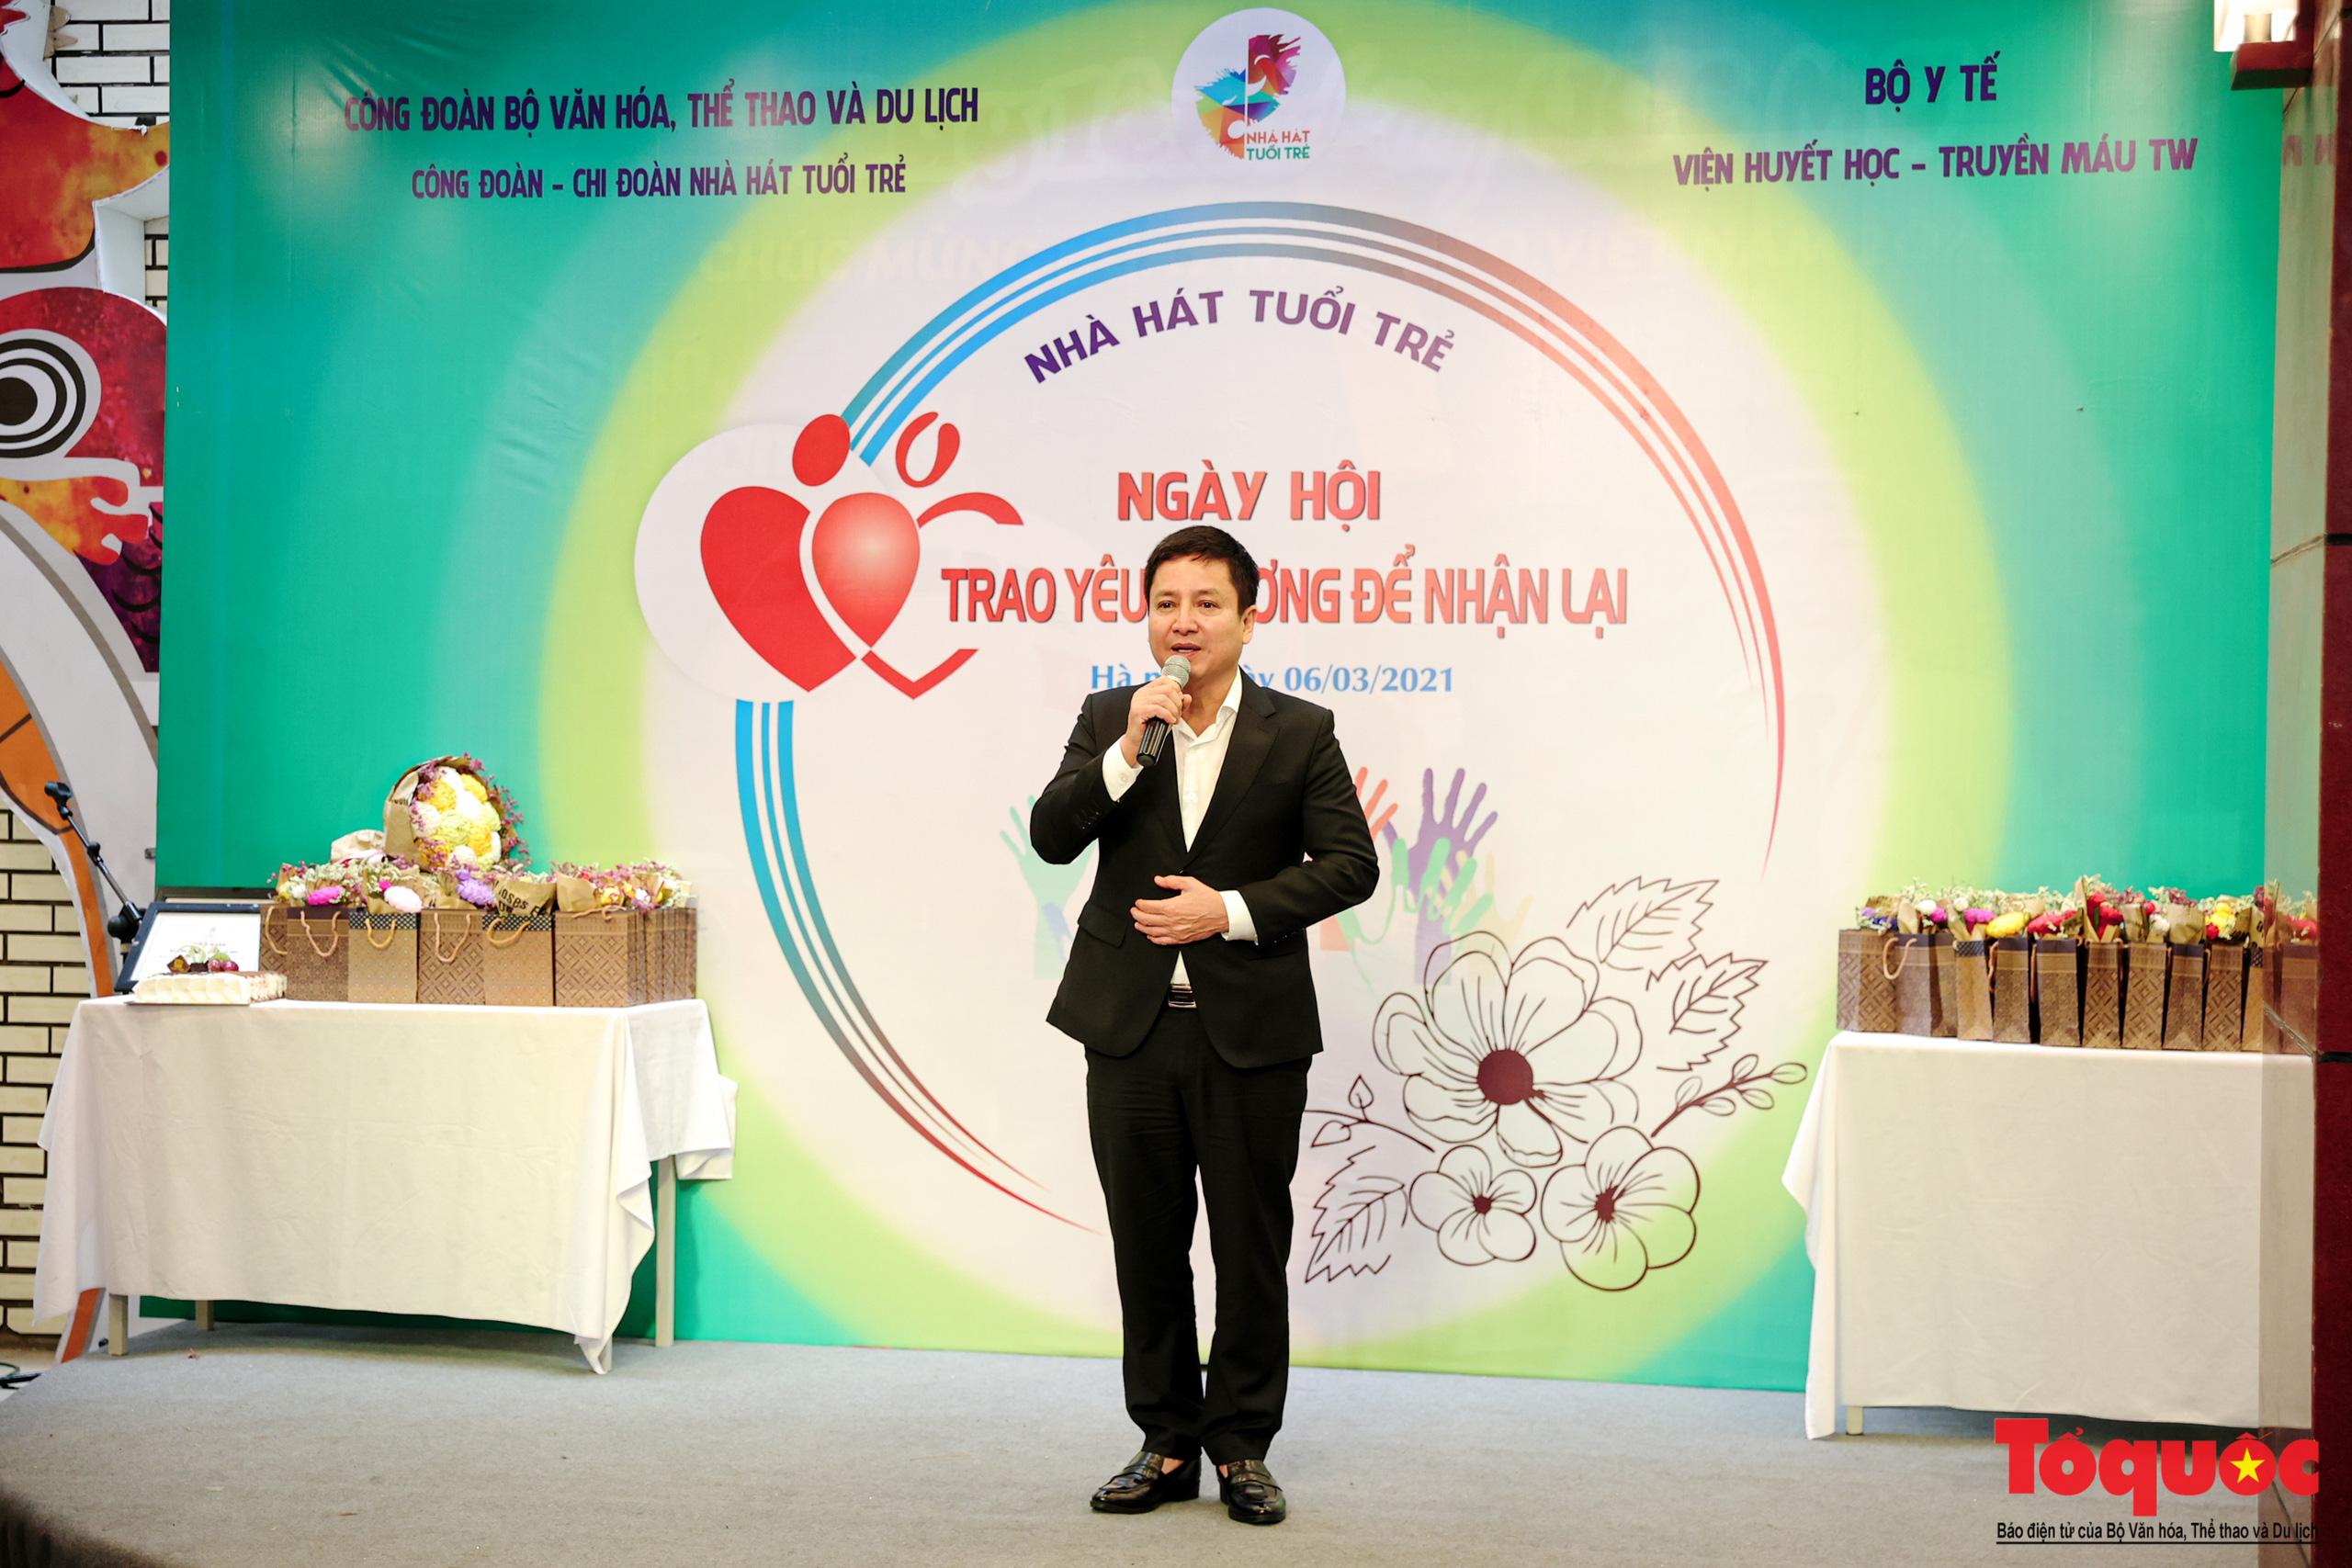 """Đông đảo các nghệ sĩ Việt tham gia hiến máu với thông điệp ý nghĩa """"Trao yêu thương để nhận lại"""" - Ảnh 5."""